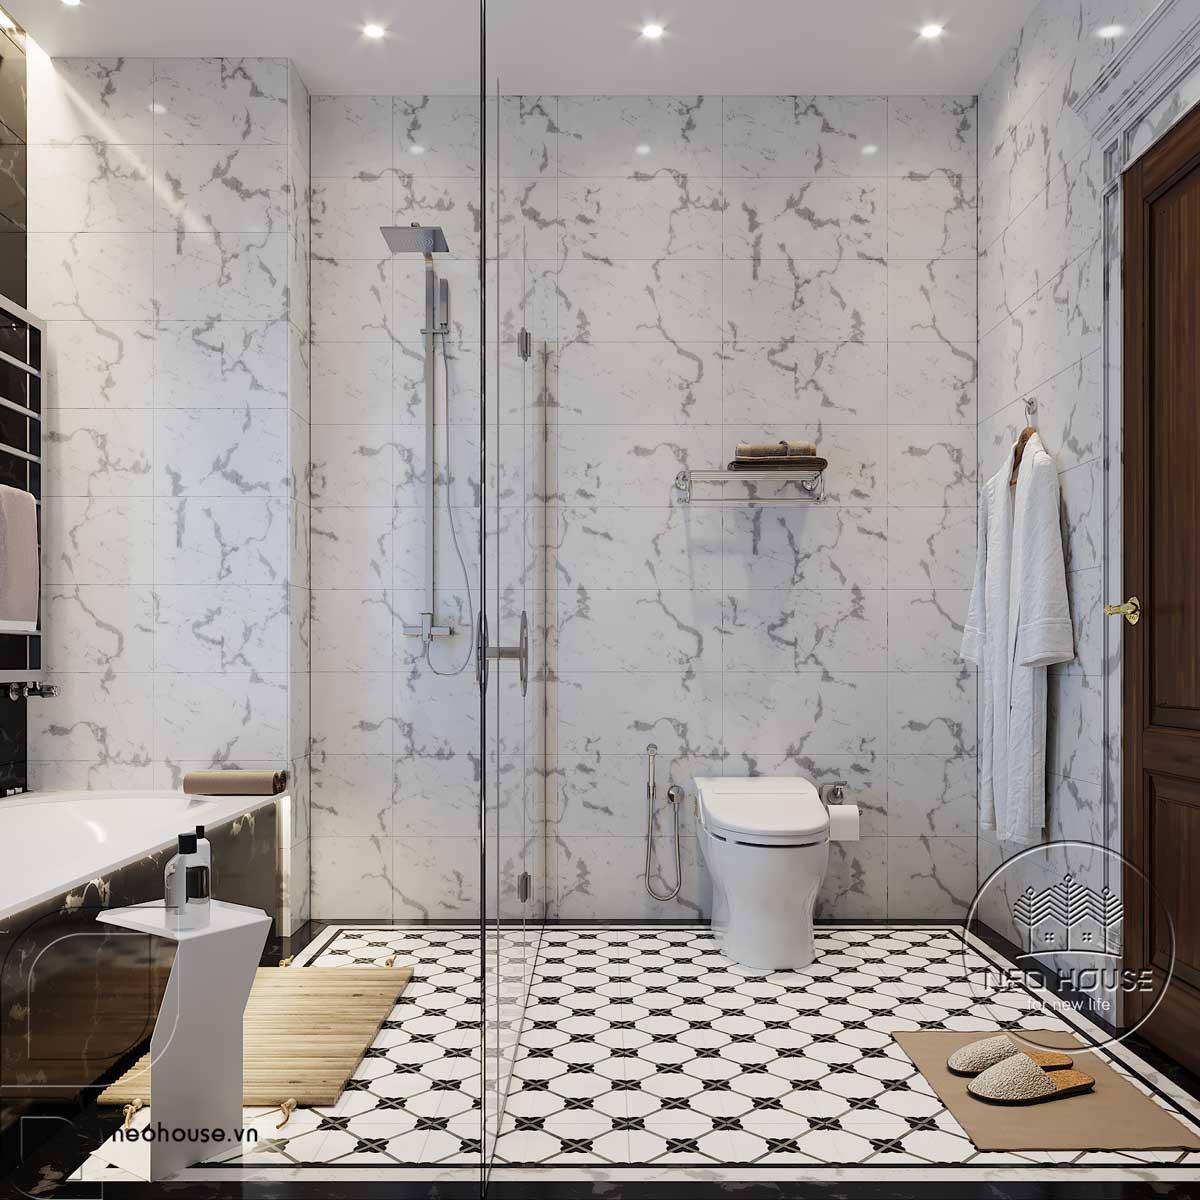 Thiết kế nội thất phòng WC tại tầng trệt